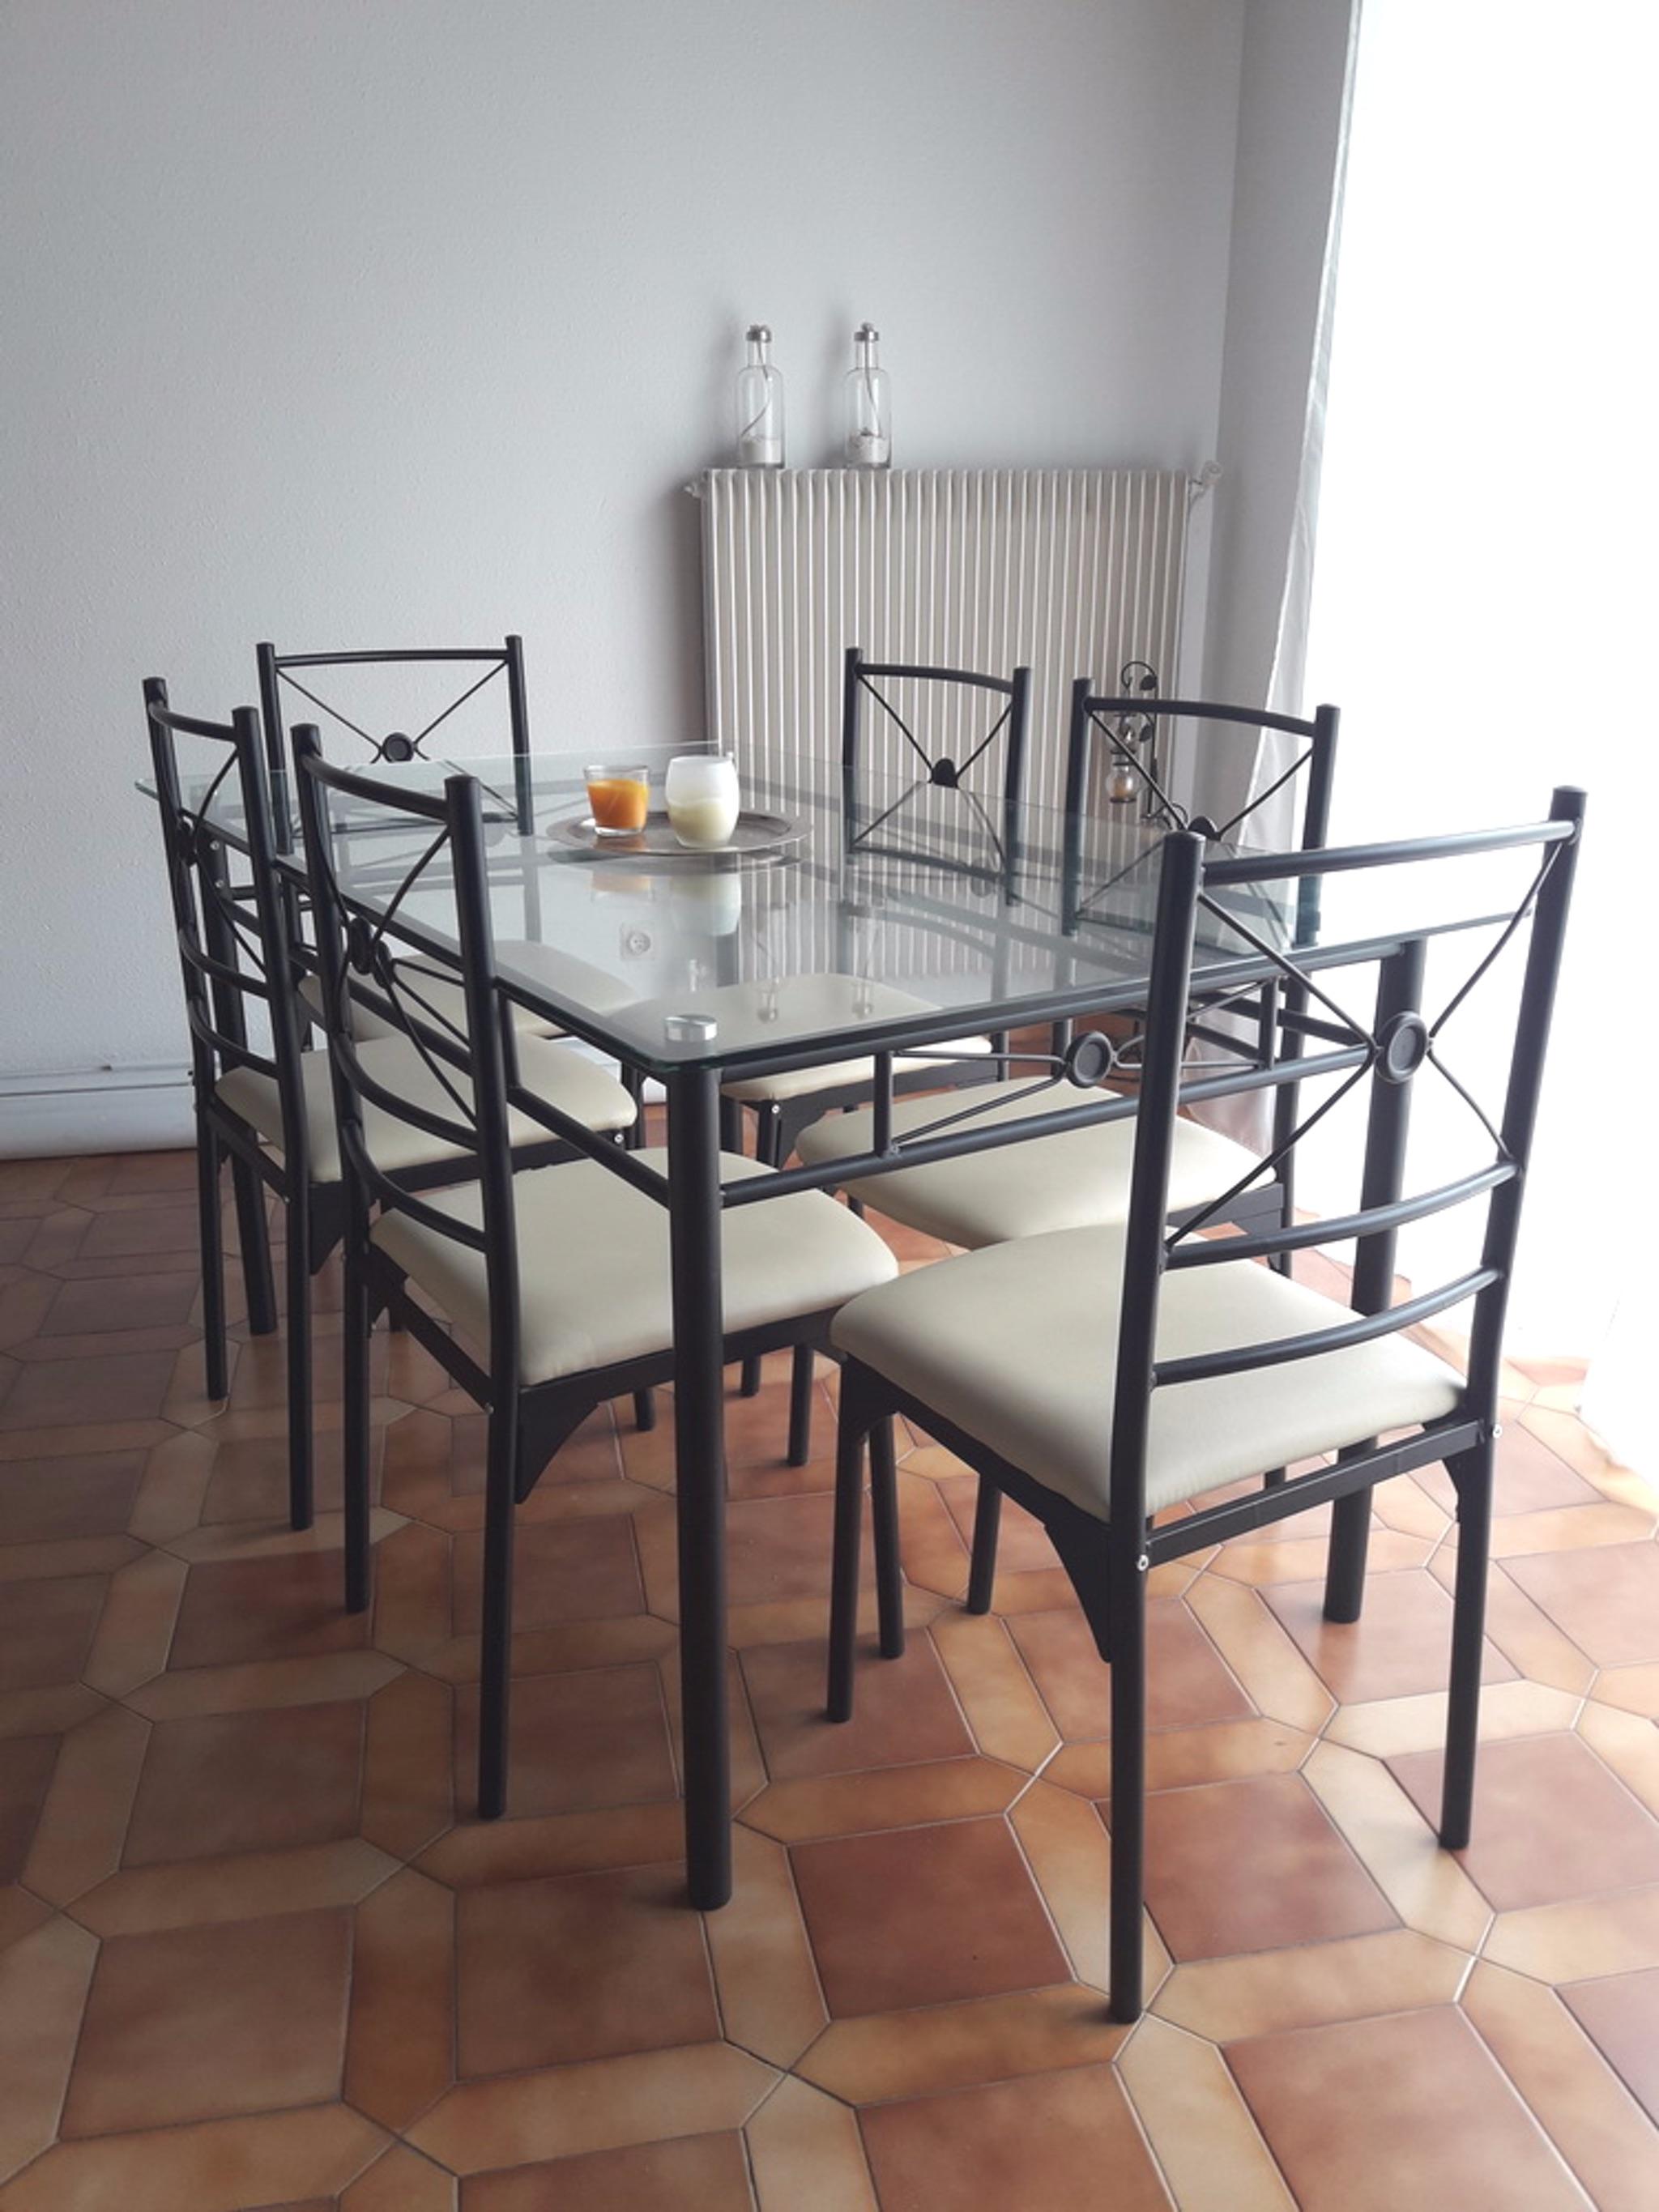 Ferienhaus Haus mit 2 Zimmern in Sainte-Marie mit eingezäuntem Garten - 150 m vom Strand entfernt (2202719), Sainte Marie la Mer, Mittelmeerküste Pyrénées-Orientales, Languedoc-Roussillon, Frankreich, Bild 9